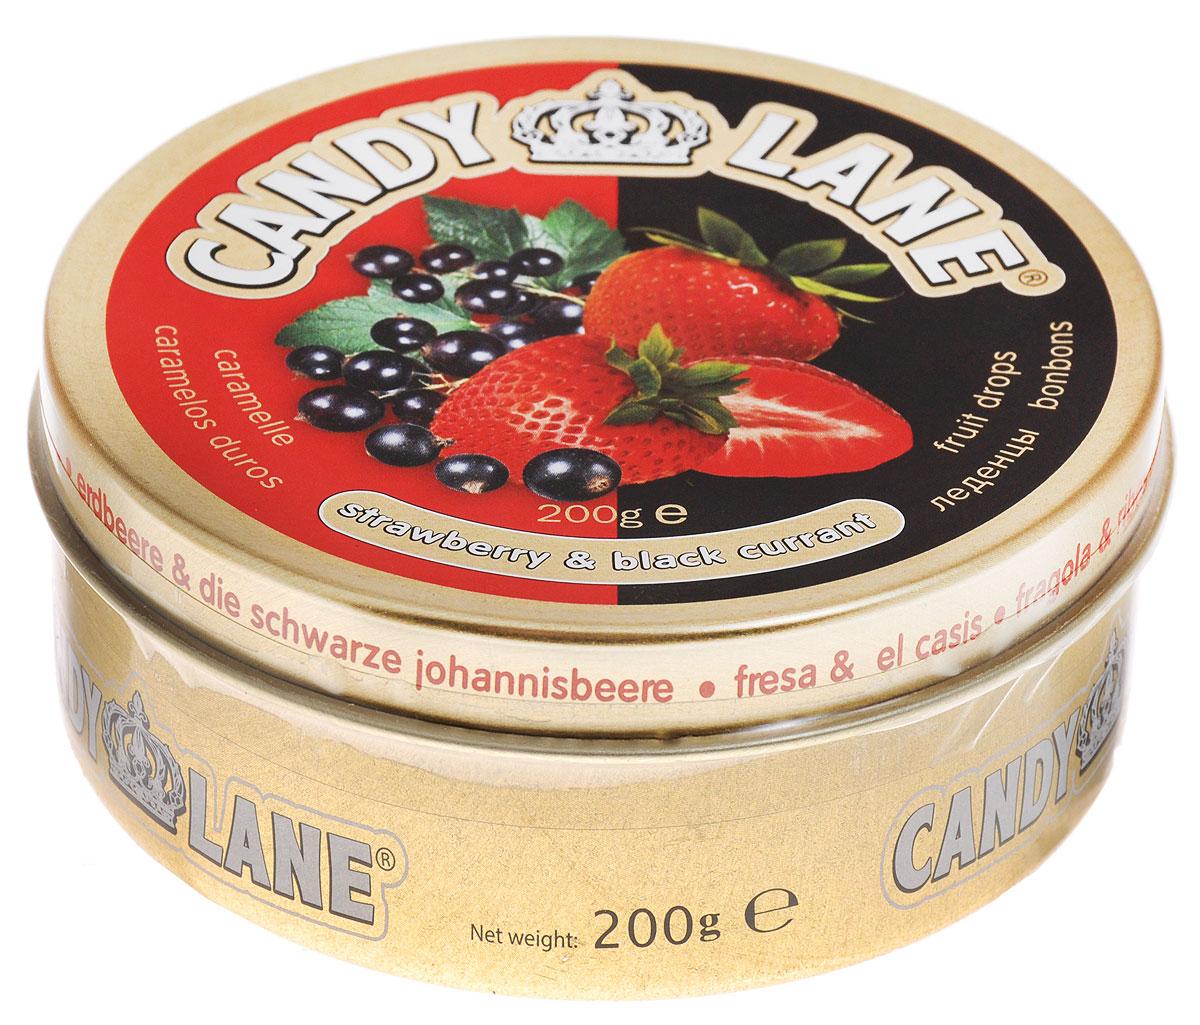 Candy Lane Клубника и черная смородина фруктовые леденцы, 200 г